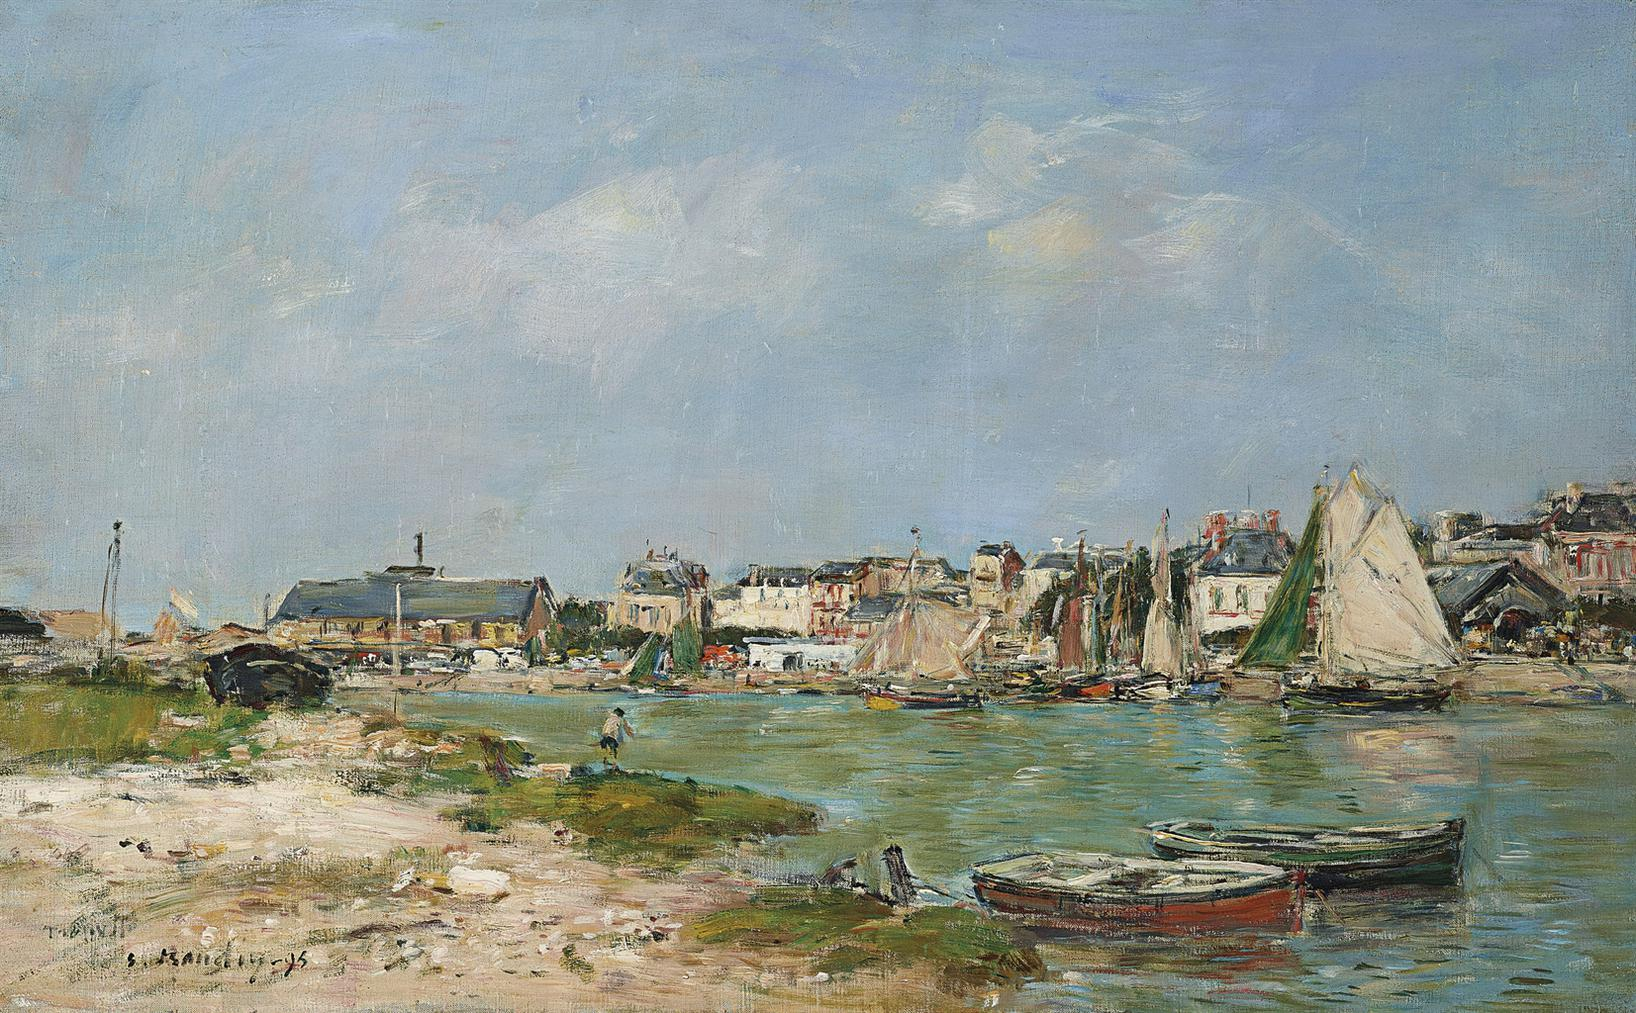 Eugene Louis Boudin-Trouville, Le Port-1895